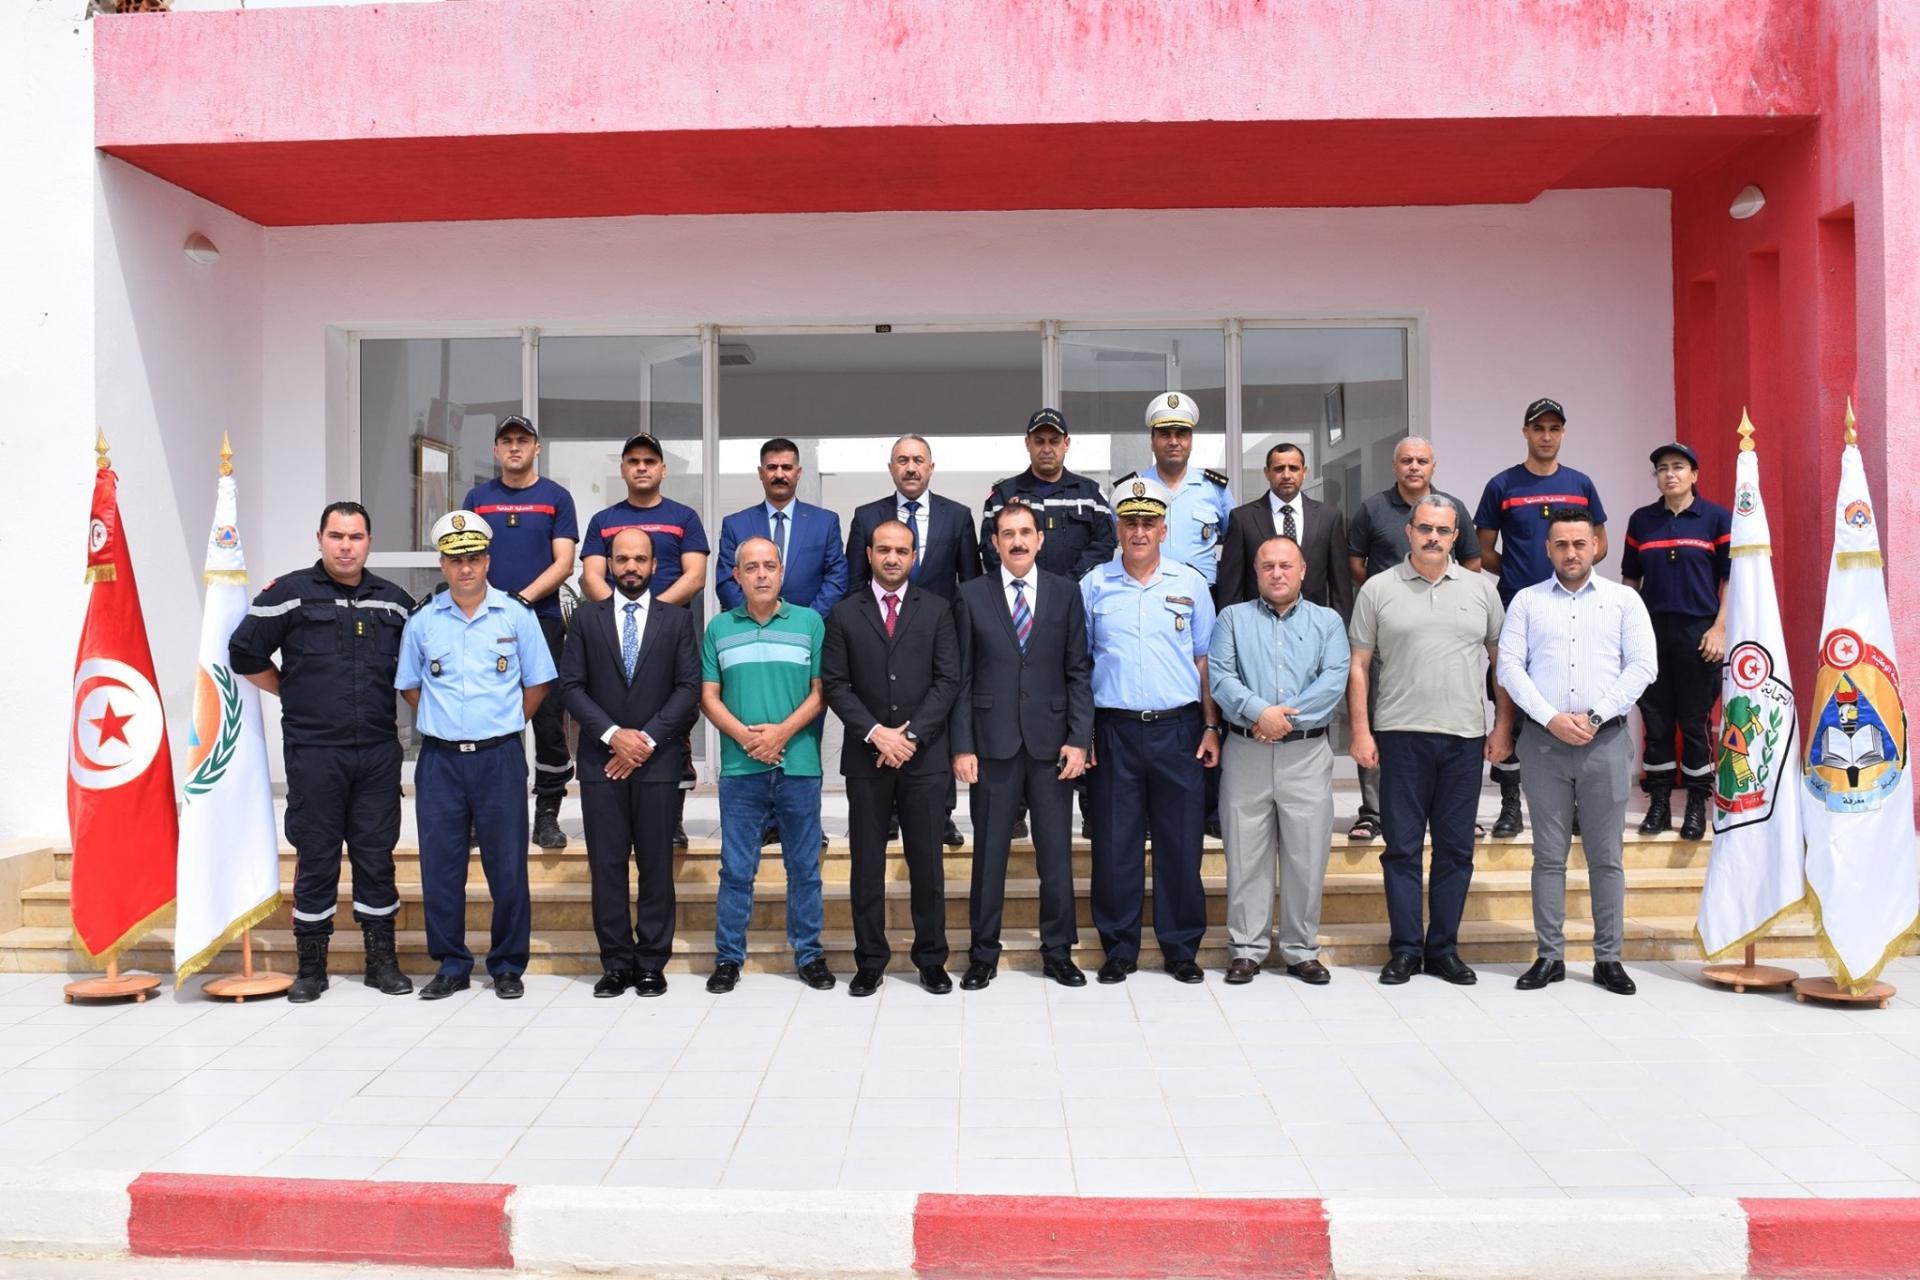 Ouverture de la session de formation en Secours Combat sous la supervision de l'OIPC à l'ENPC